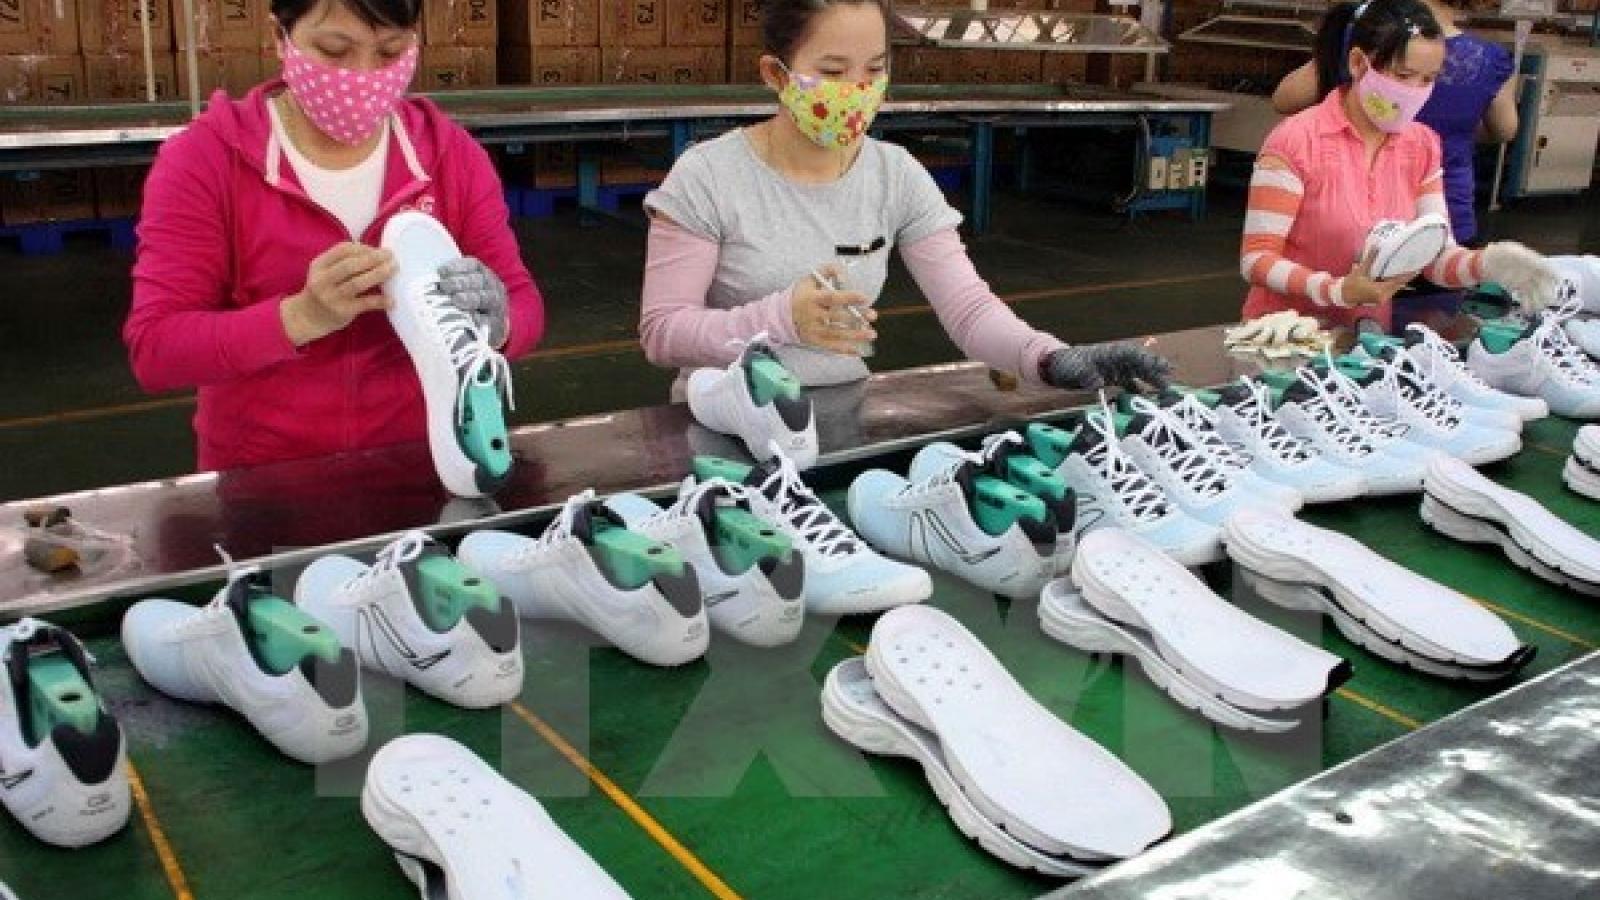 Footwear exports enjoy 13% rise during Jan-Oct